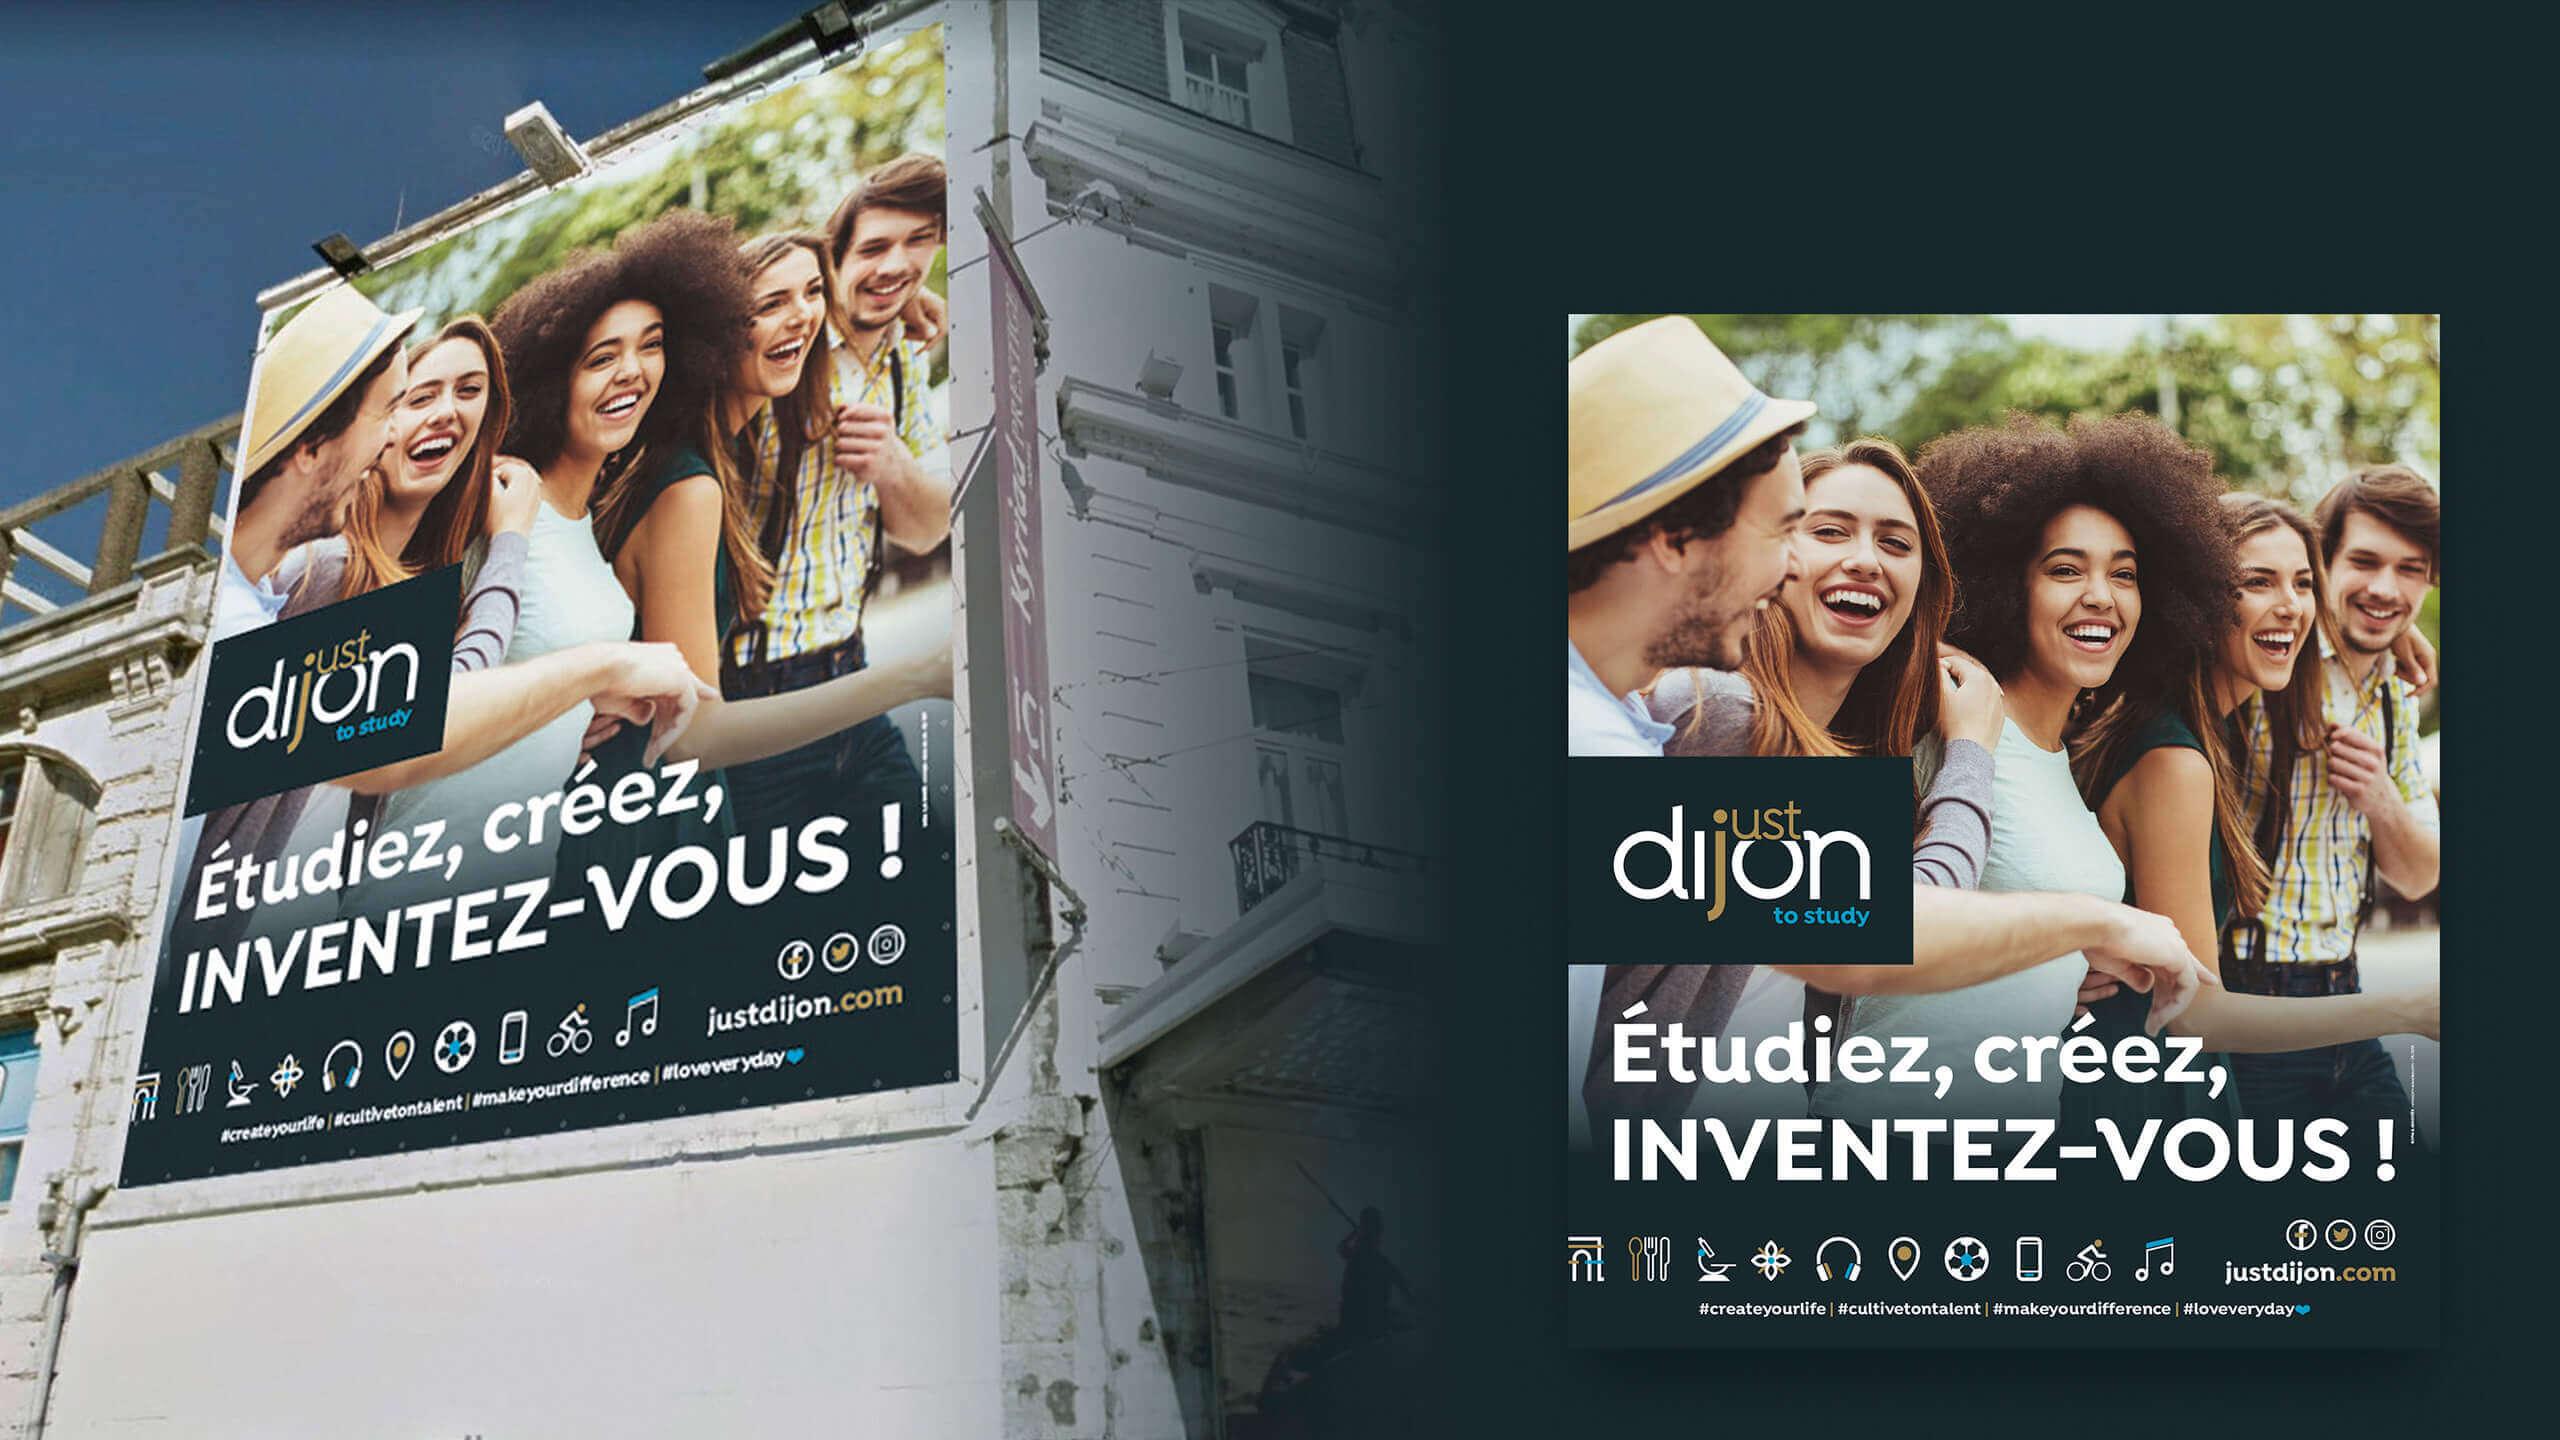 Affiche de la marque Just Dijon